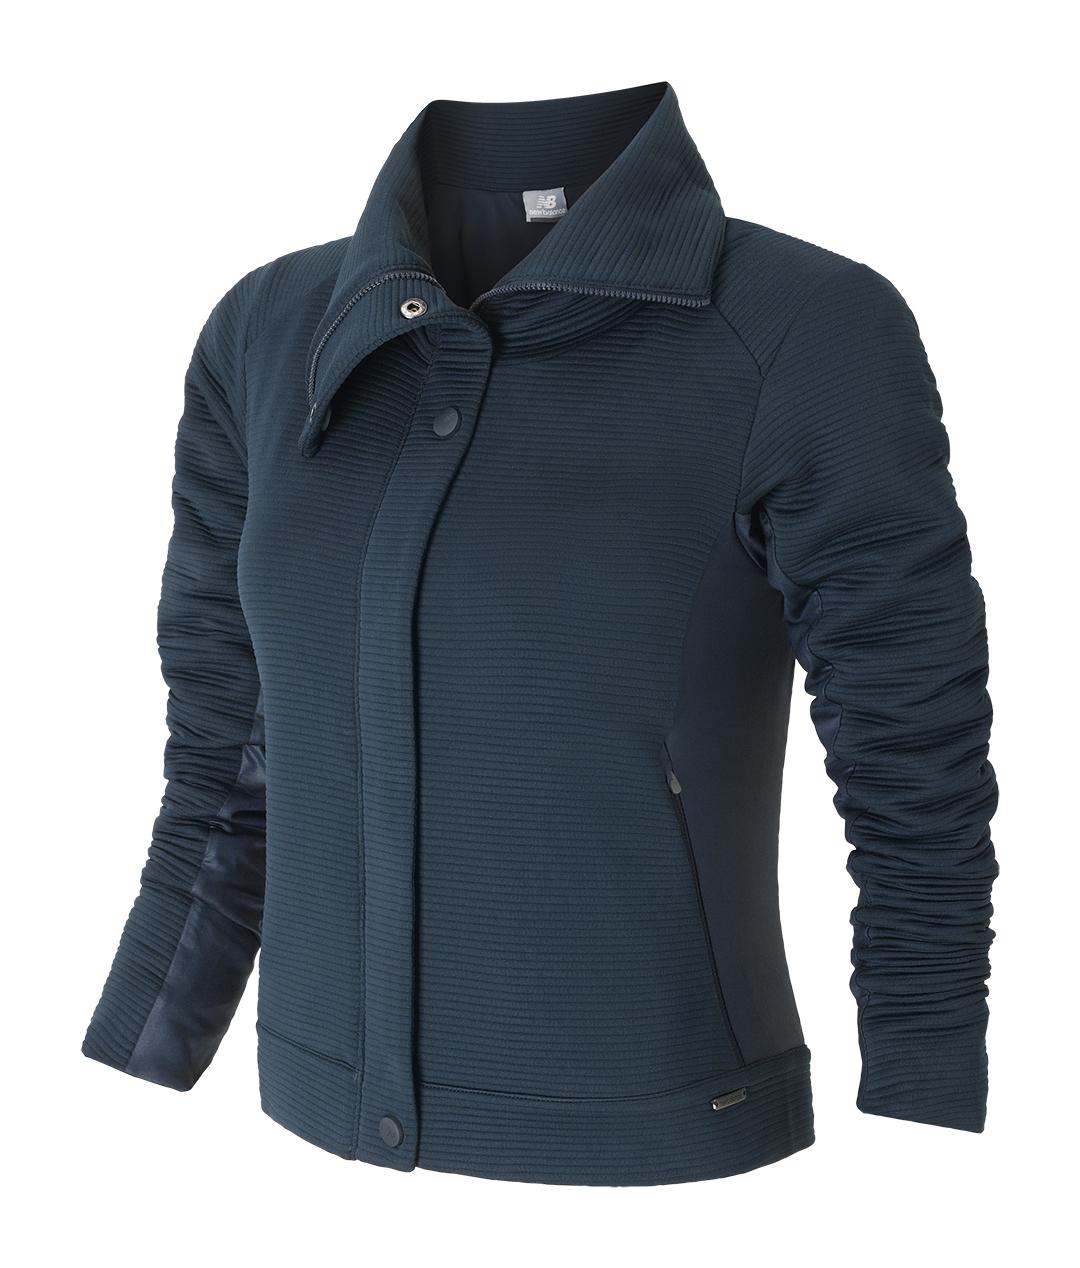 0127_fashion-Jacket__MD_GALAXY-CASTAWAY-BRIGHT_CHERRY_Front copy.jpg